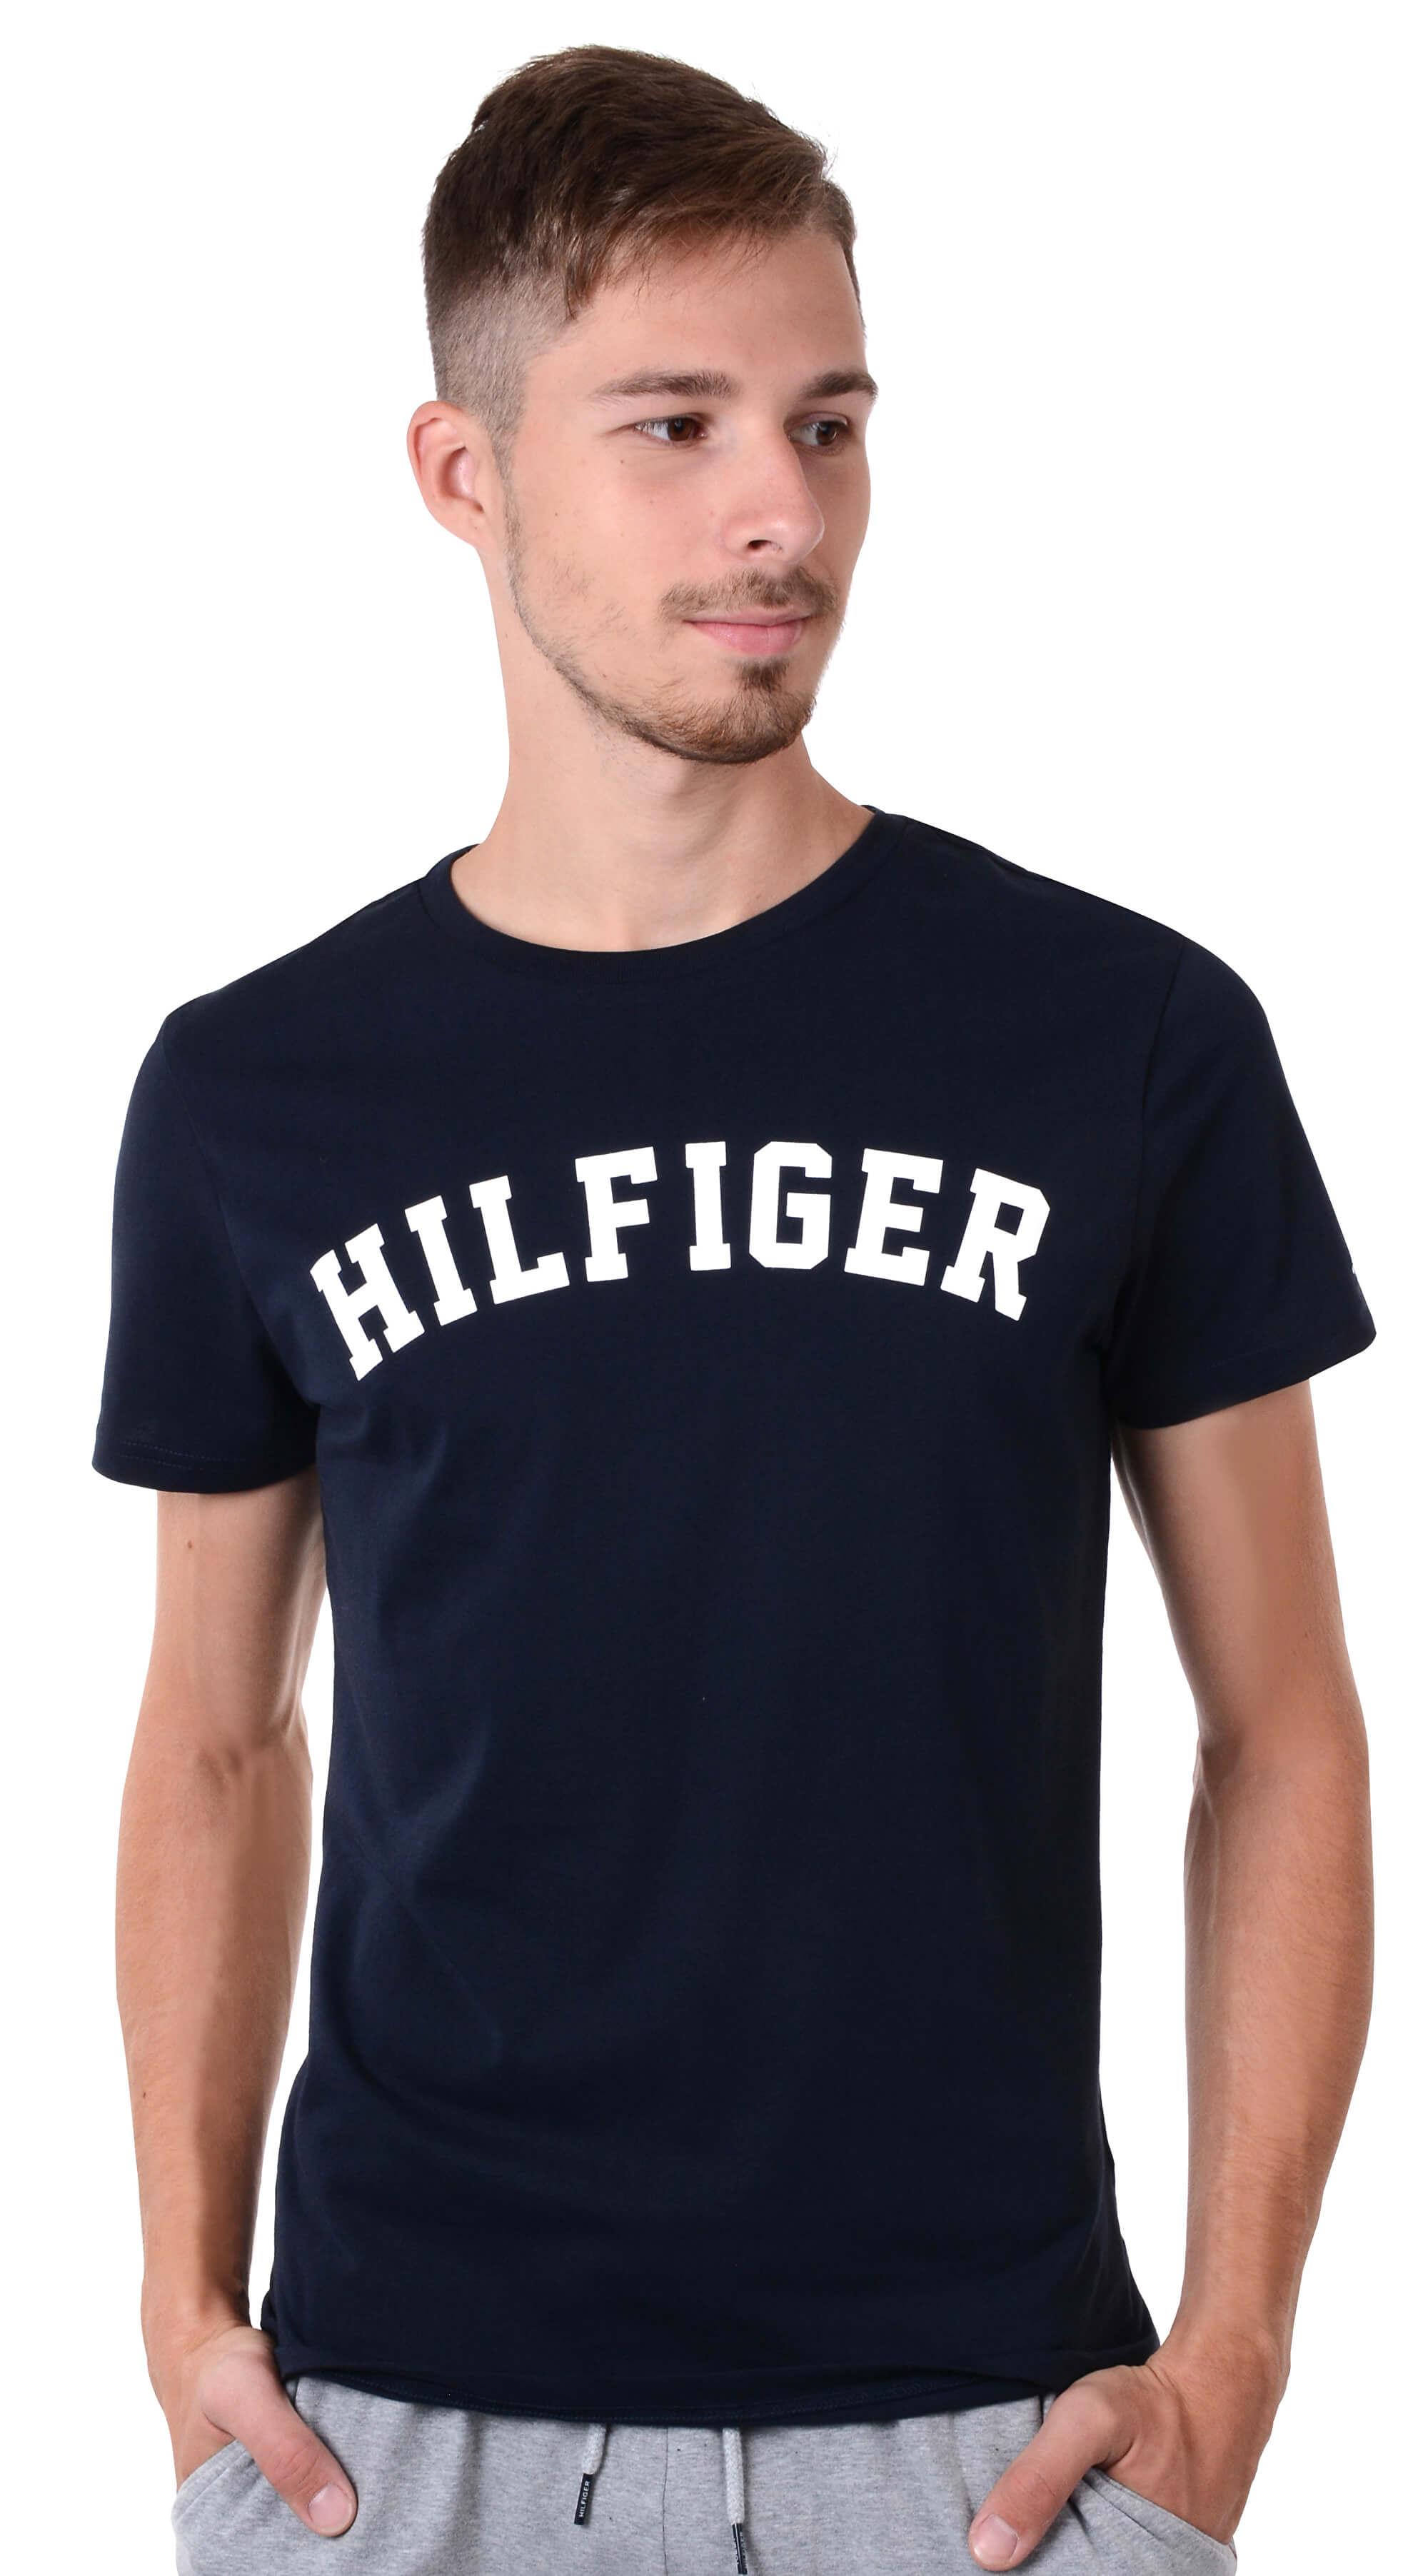 12166e724417 Tommy Hilfiger Pánské triko Cotton Icon SS Tee Logo Navy Blazer  UM0UM00054-416. Předchozí  Další